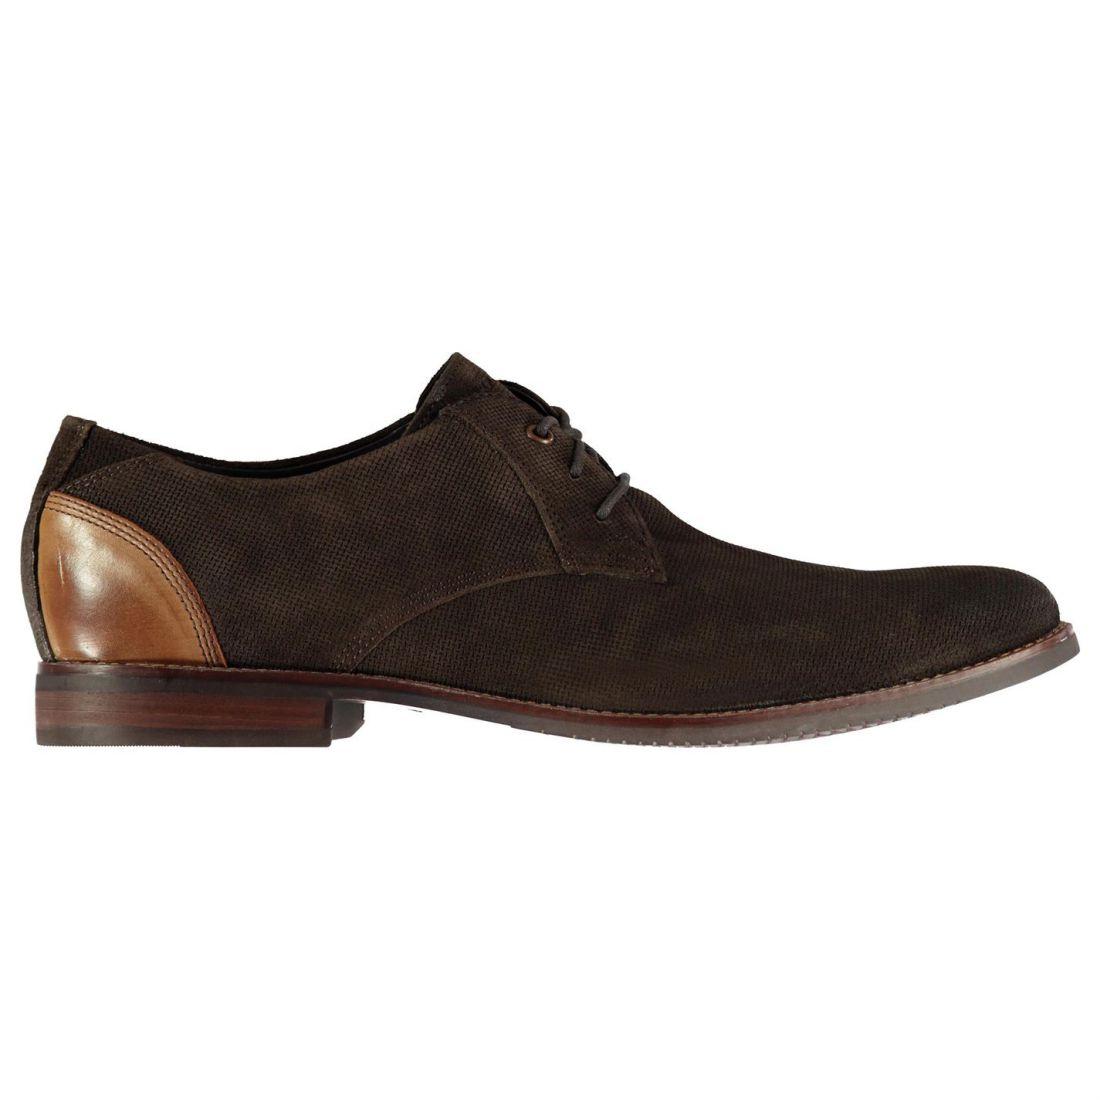 Rockport Estilo propósito básico Zapatos para hombre caballero elegante ocasión Cordones atados